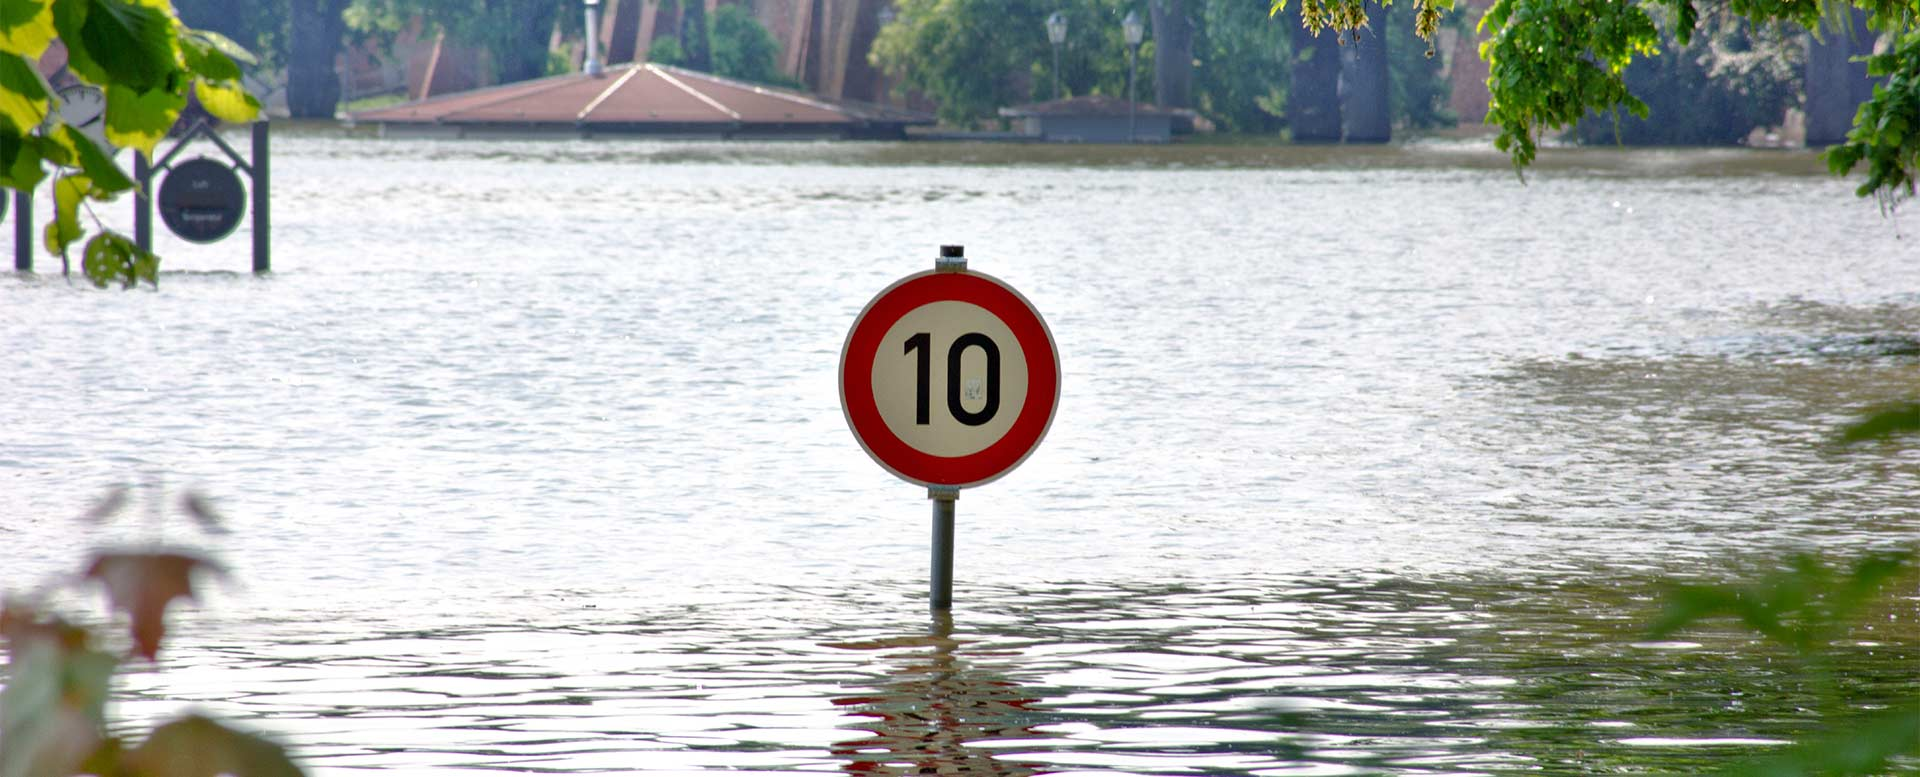 Hochwassergefahr durch Klimawandel